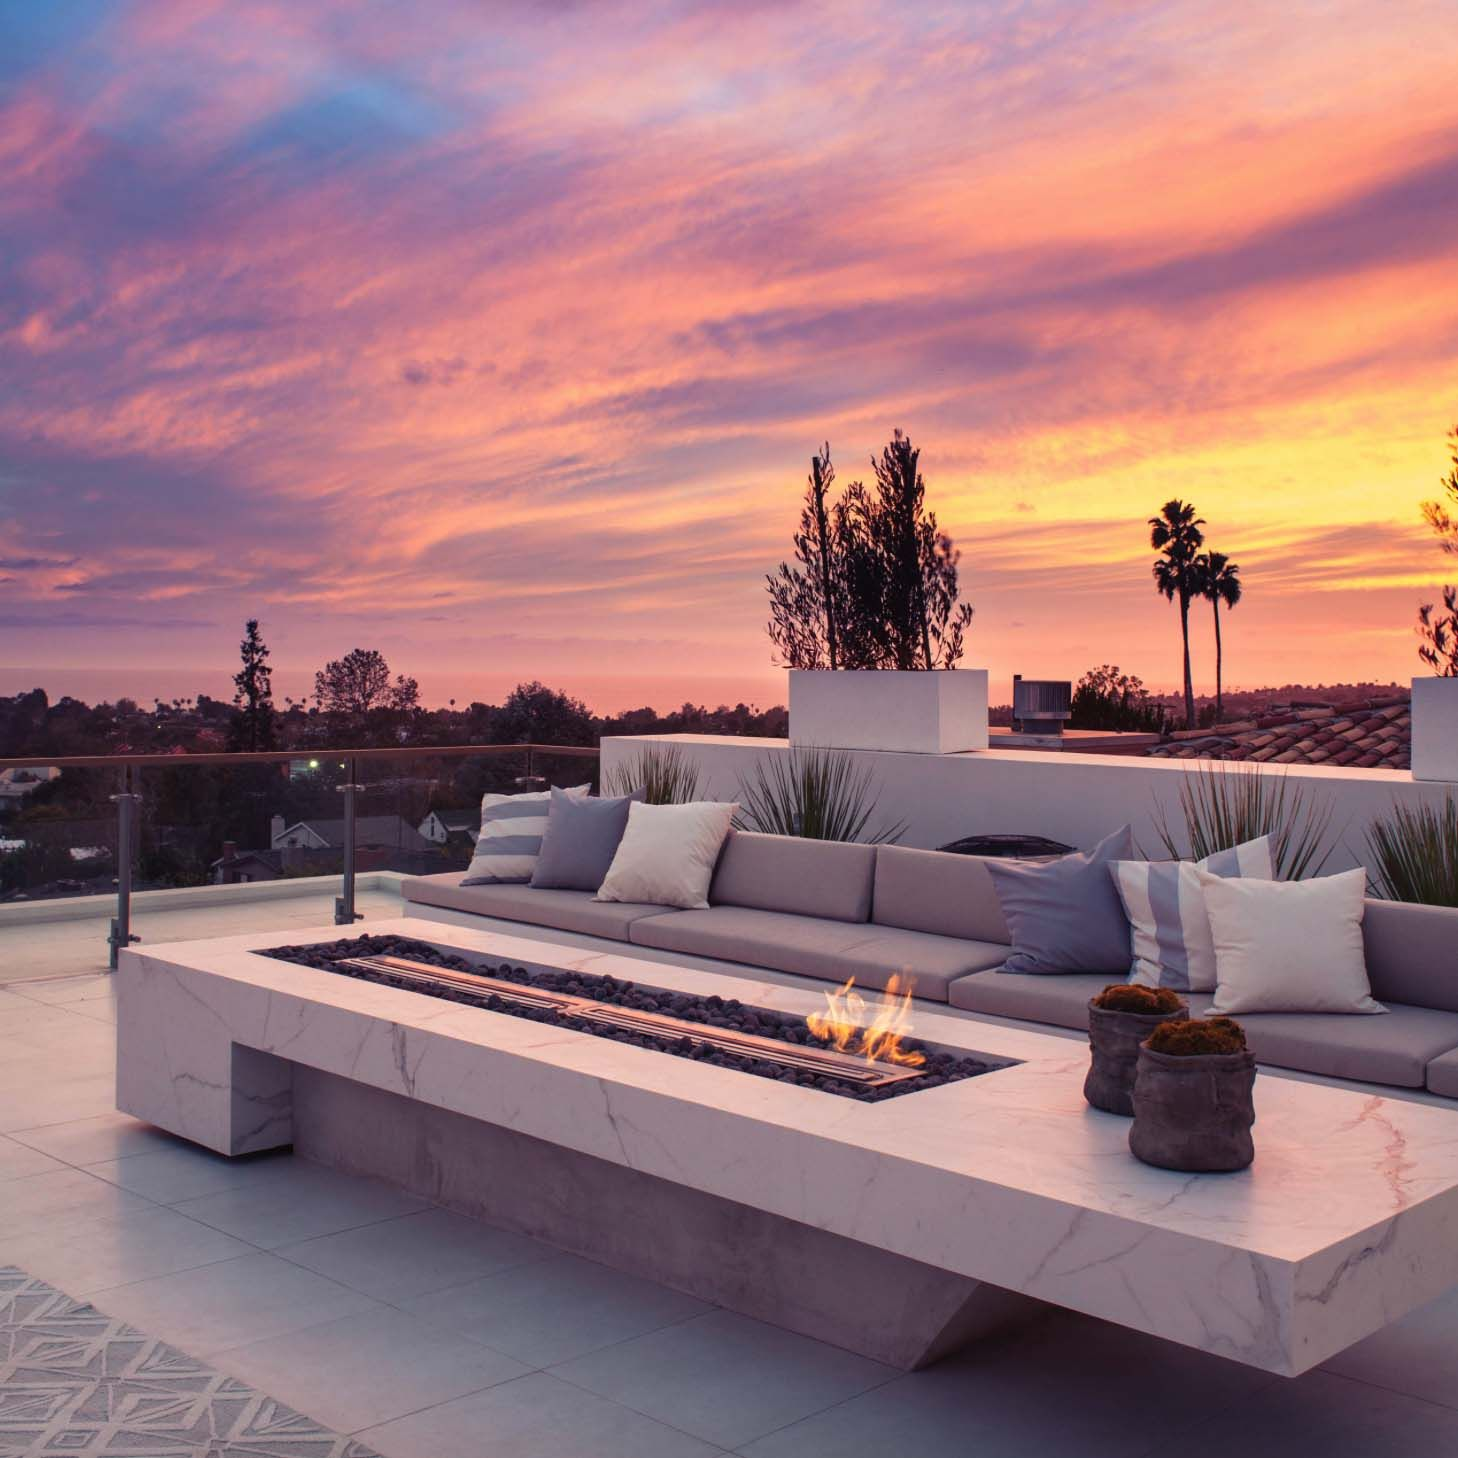 28 Brillante und inspirierende Designideen auf der Dachterrasse - Besten Haus Dekoration #terracedesign